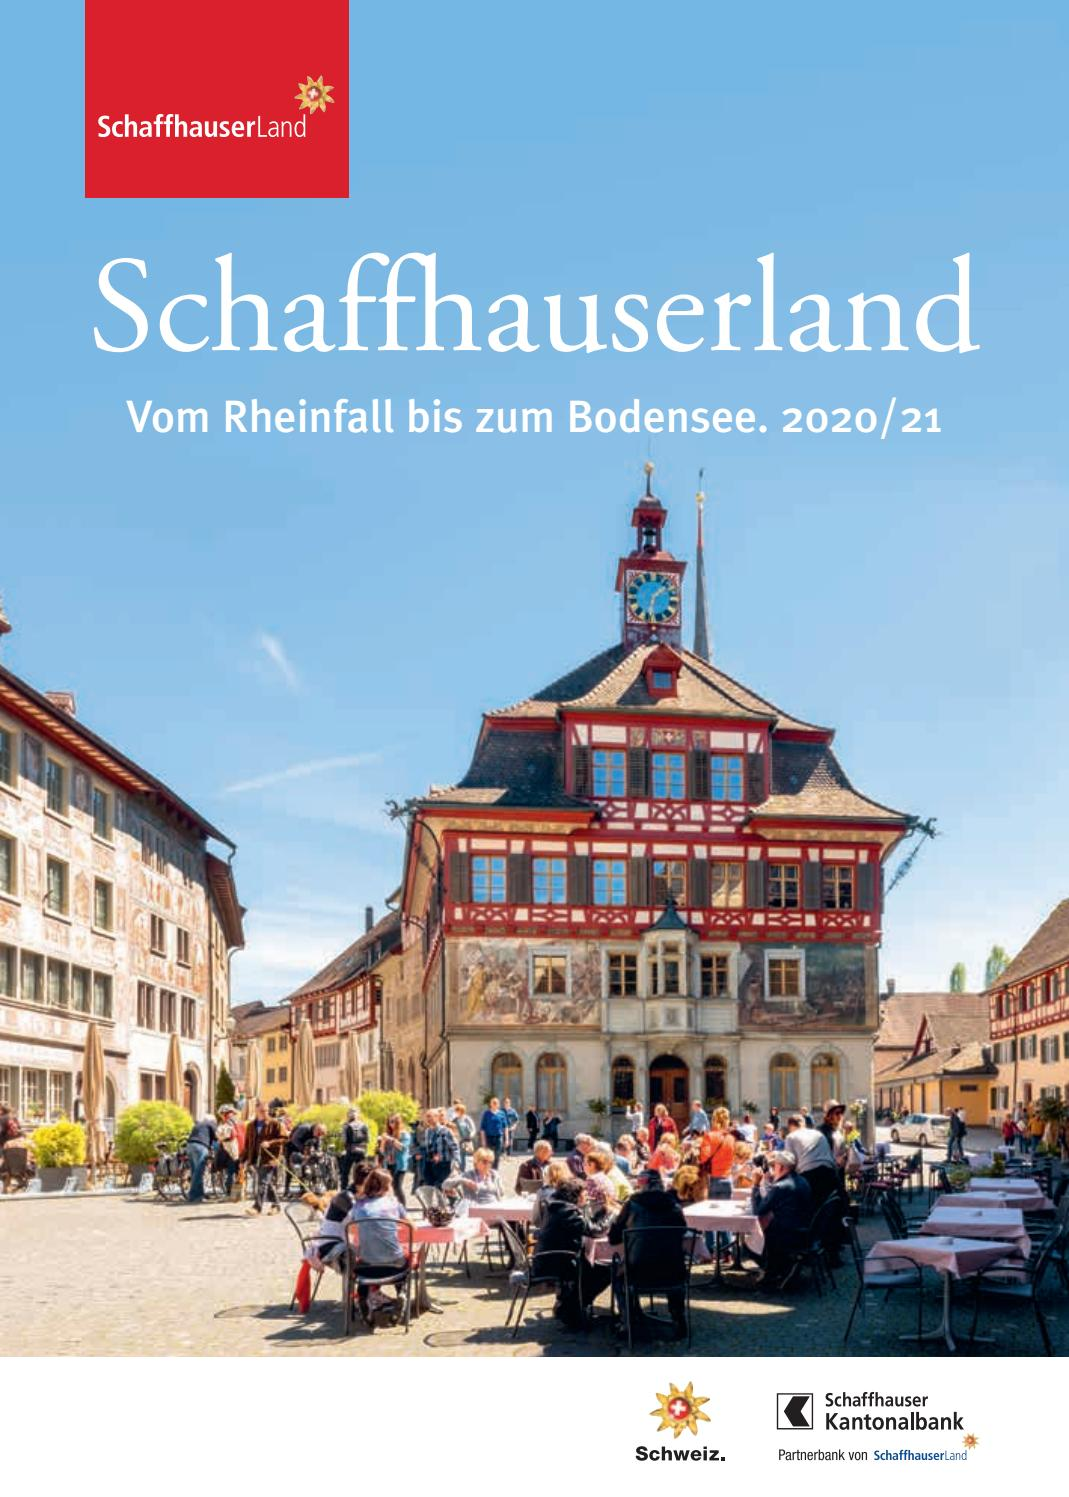 Schaffhauserland Tourismus Imagebroschure 2020 By Frei Partner Issuu